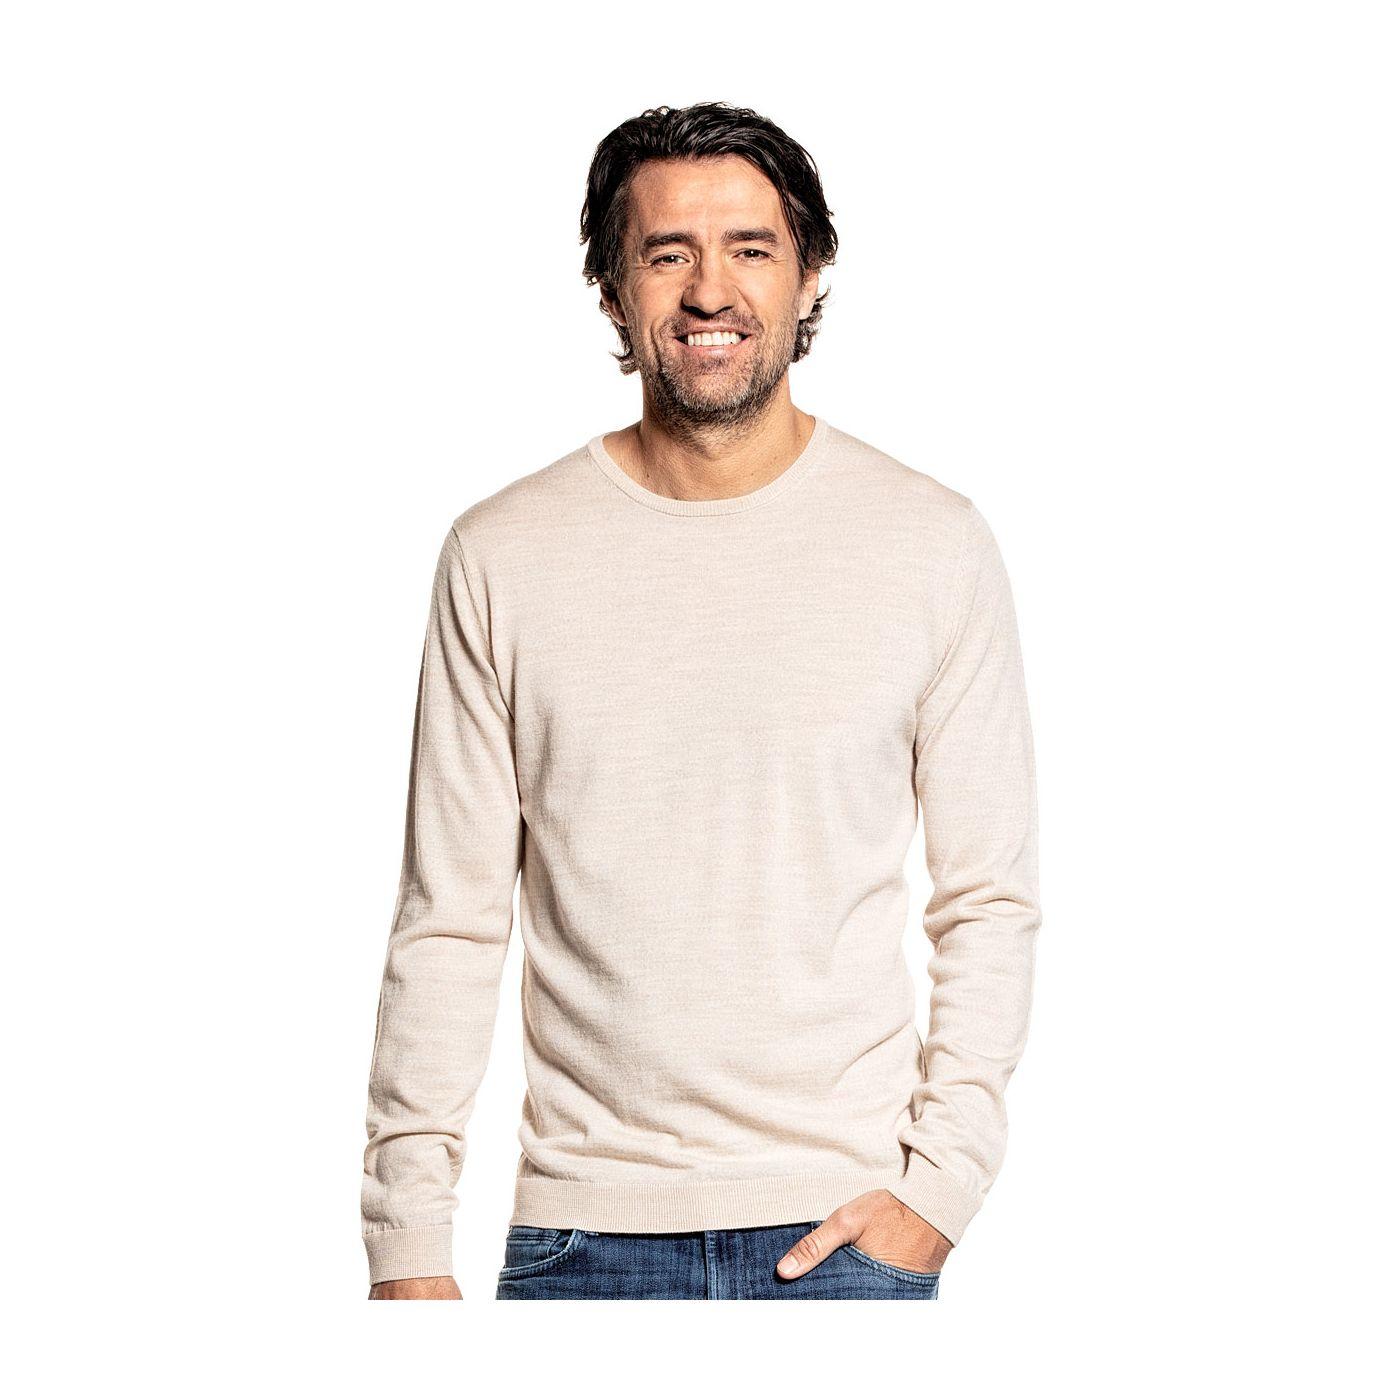 Crew neck sweater for men made of Merino wool in Beige